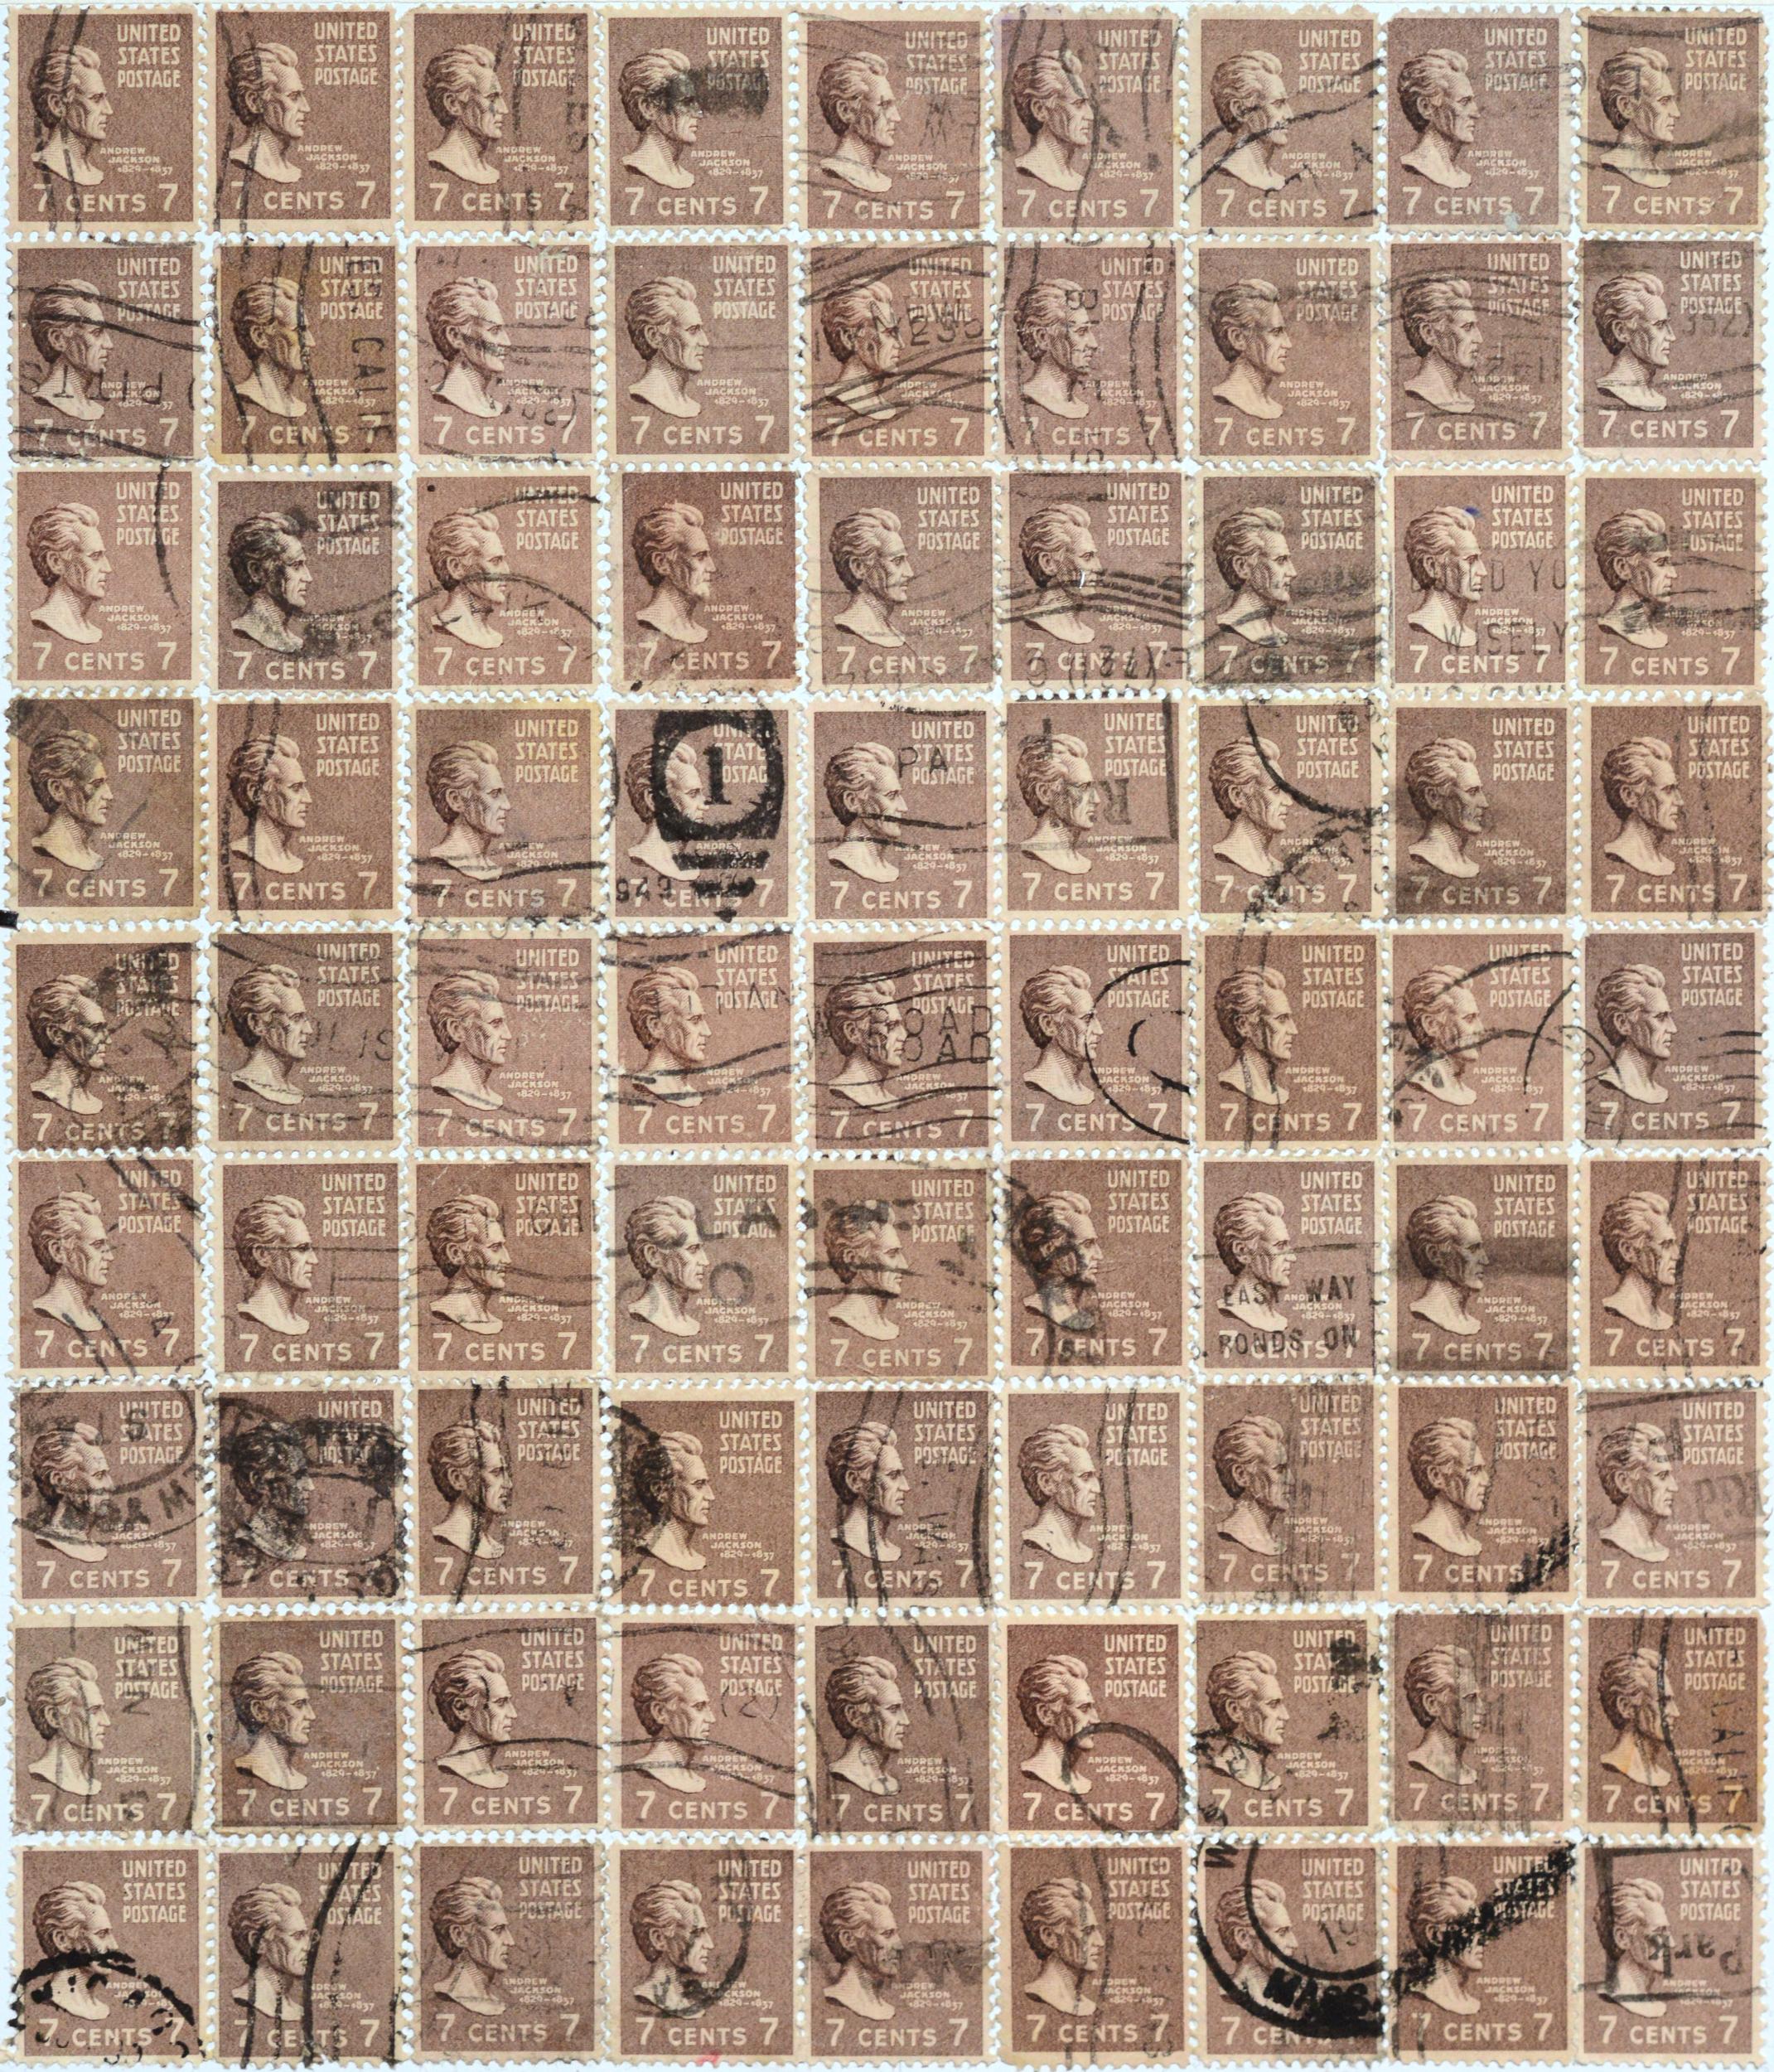 Andrew Jackson, 7 cents, 2012